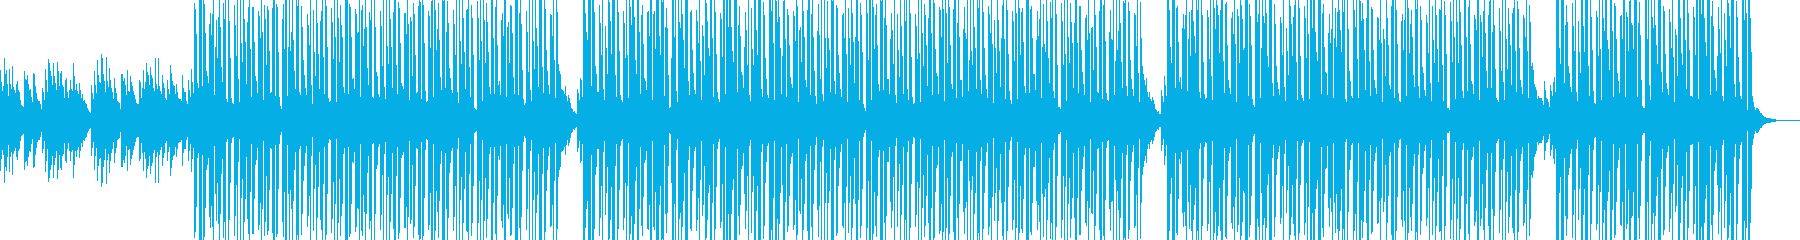 感動的/冬の映像に合う切ないR&B曲の再生済みの波形